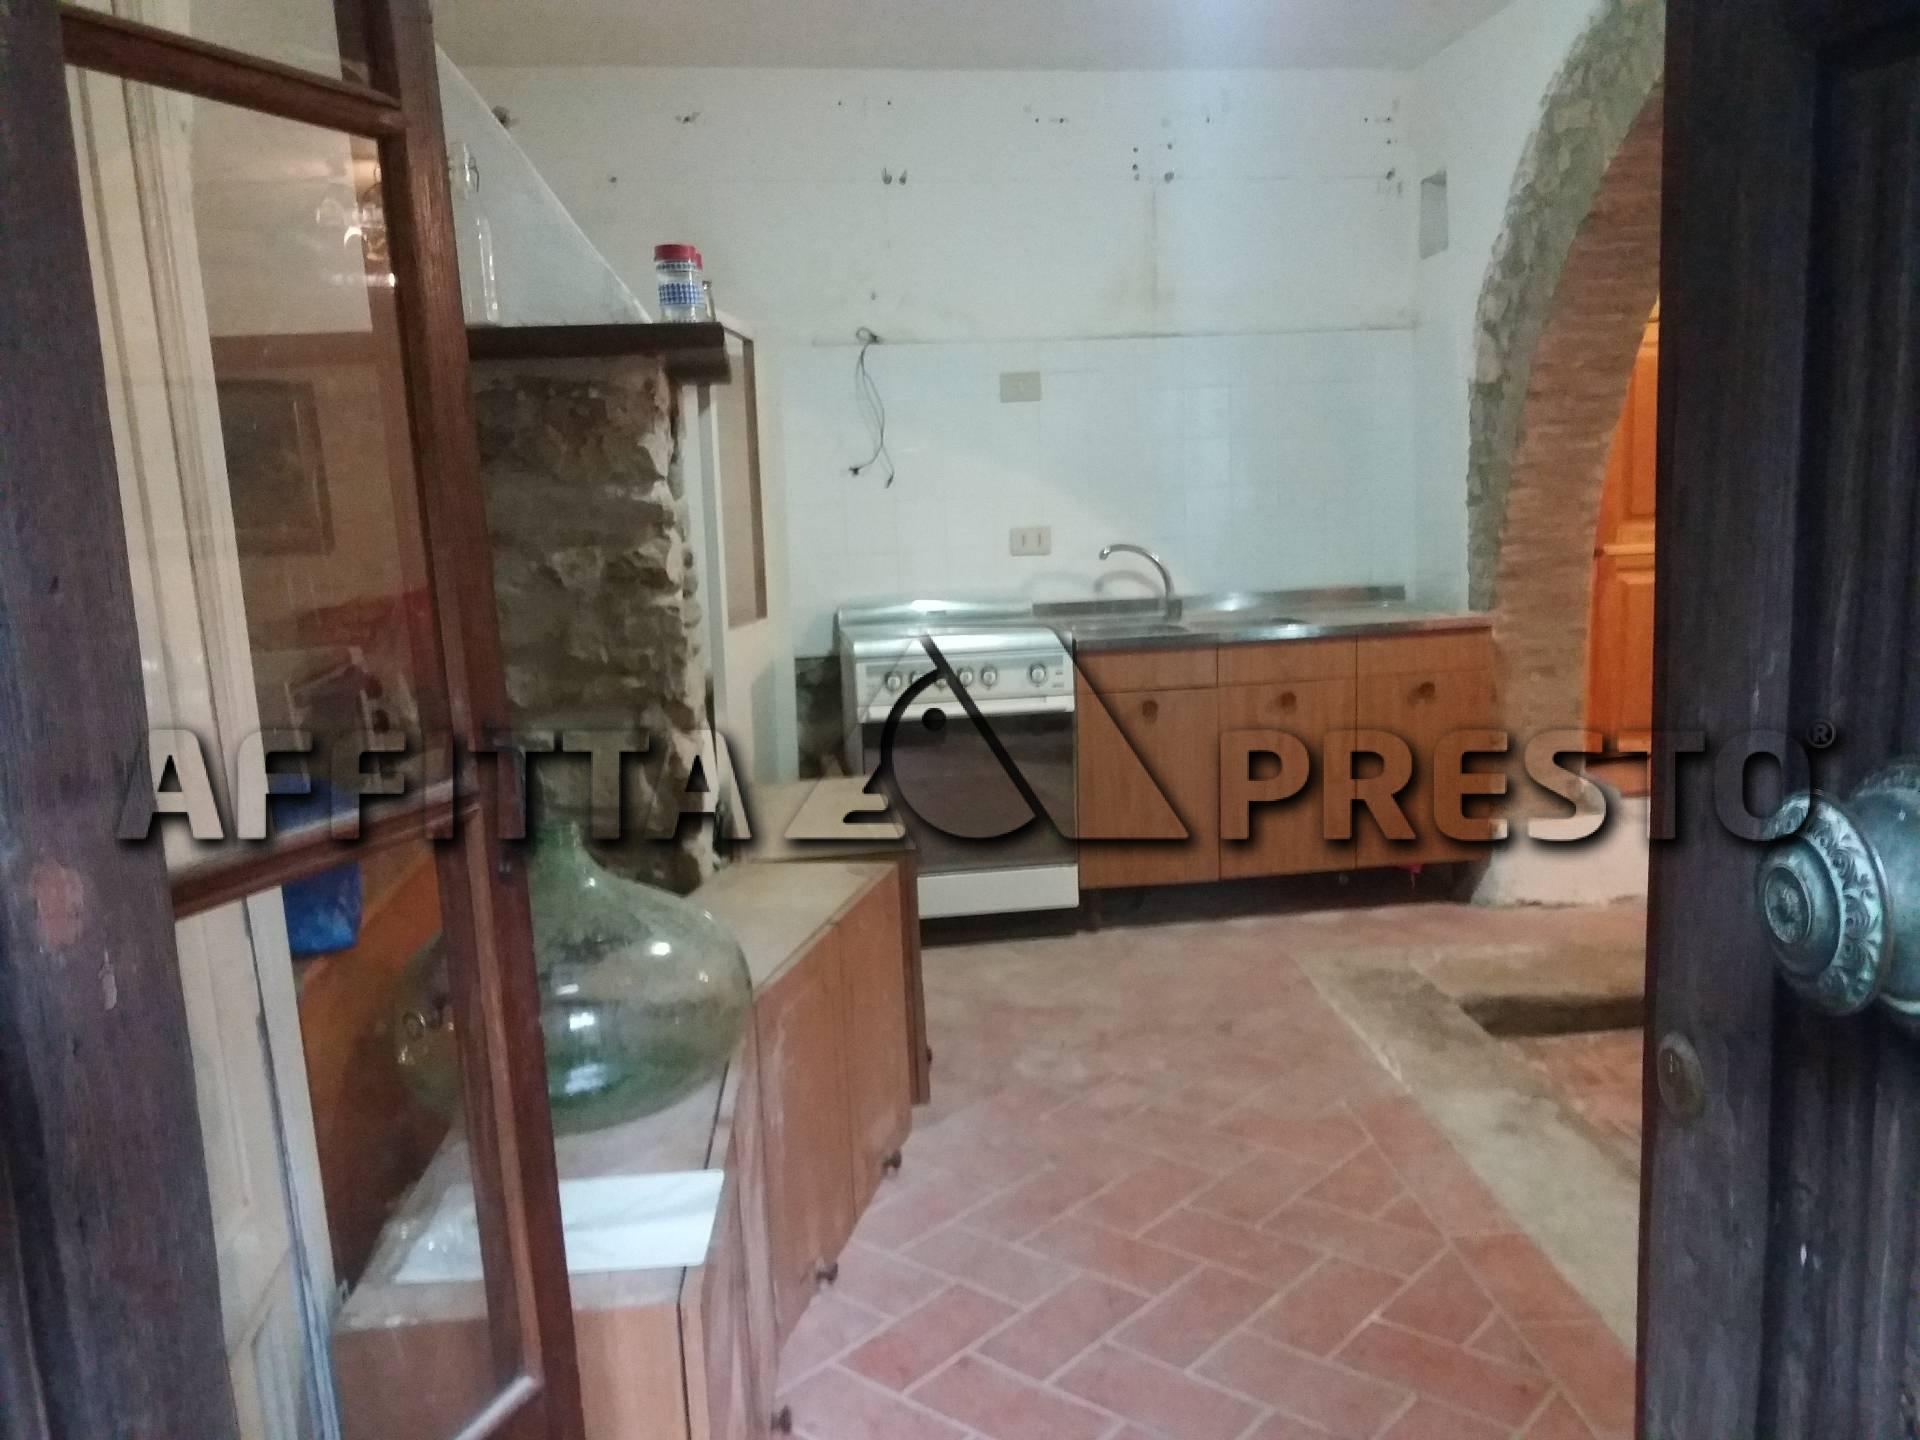 Soluzione Indipendente in affitto a Chianni, 2 locali, prezzo € 300 | CambioCasa.it